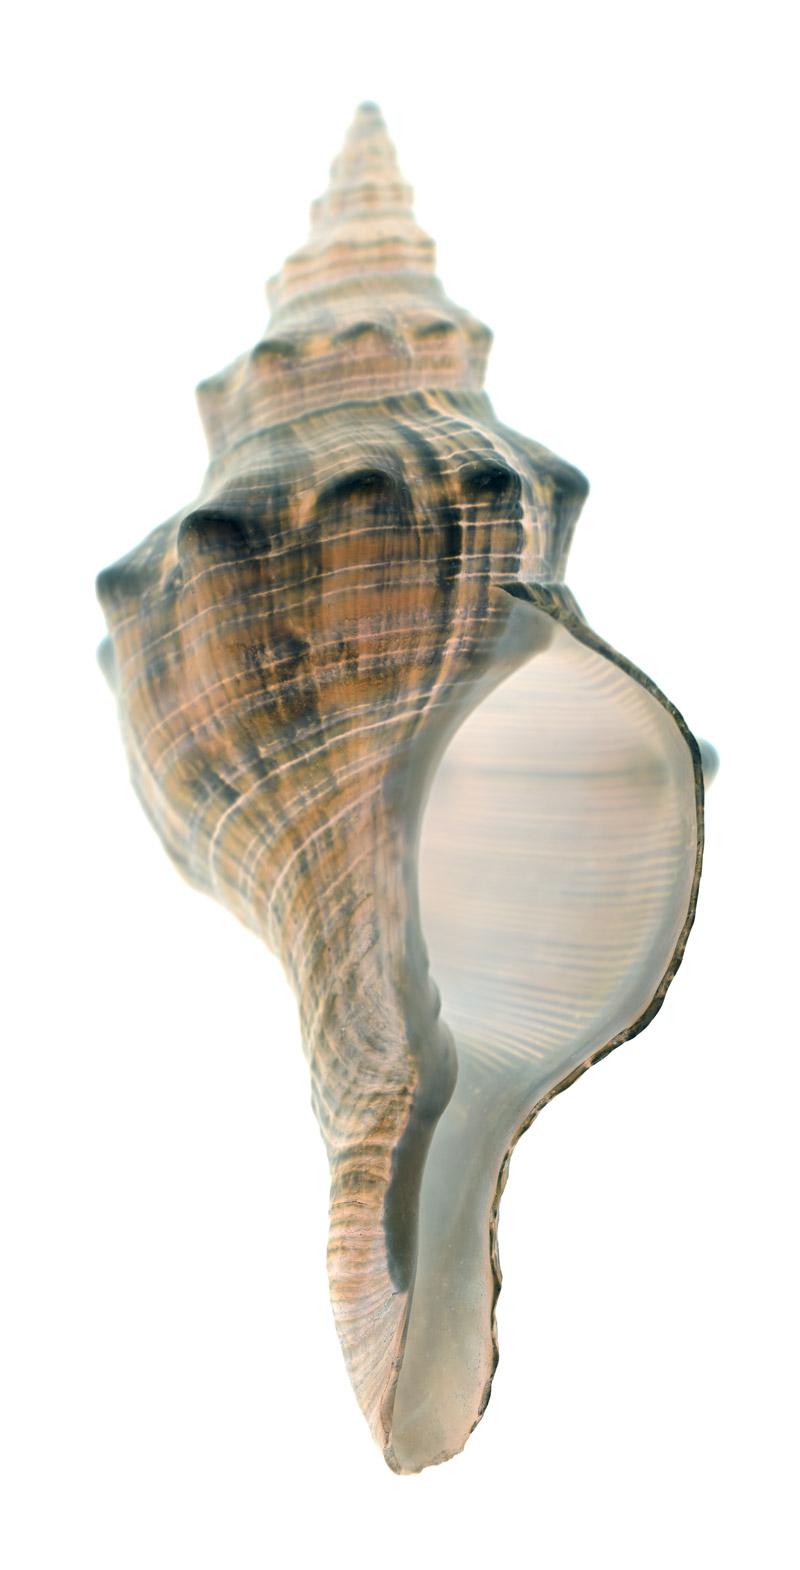 shell-122-i.jpg